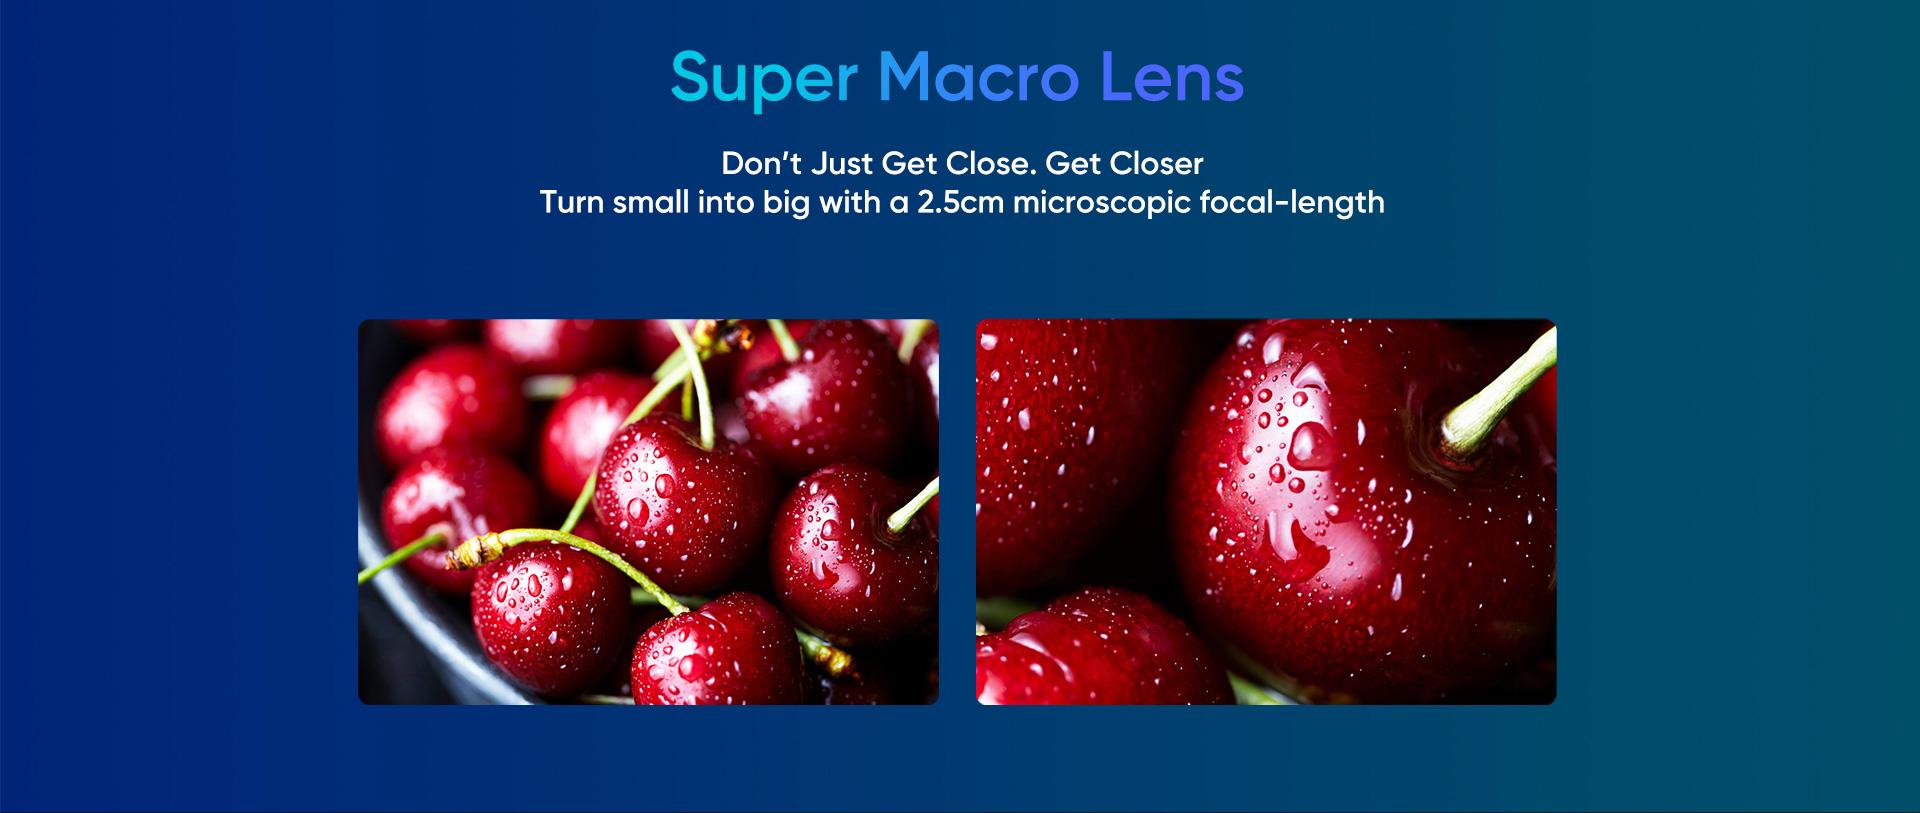 Realme X2 Pro- Super Macro lens